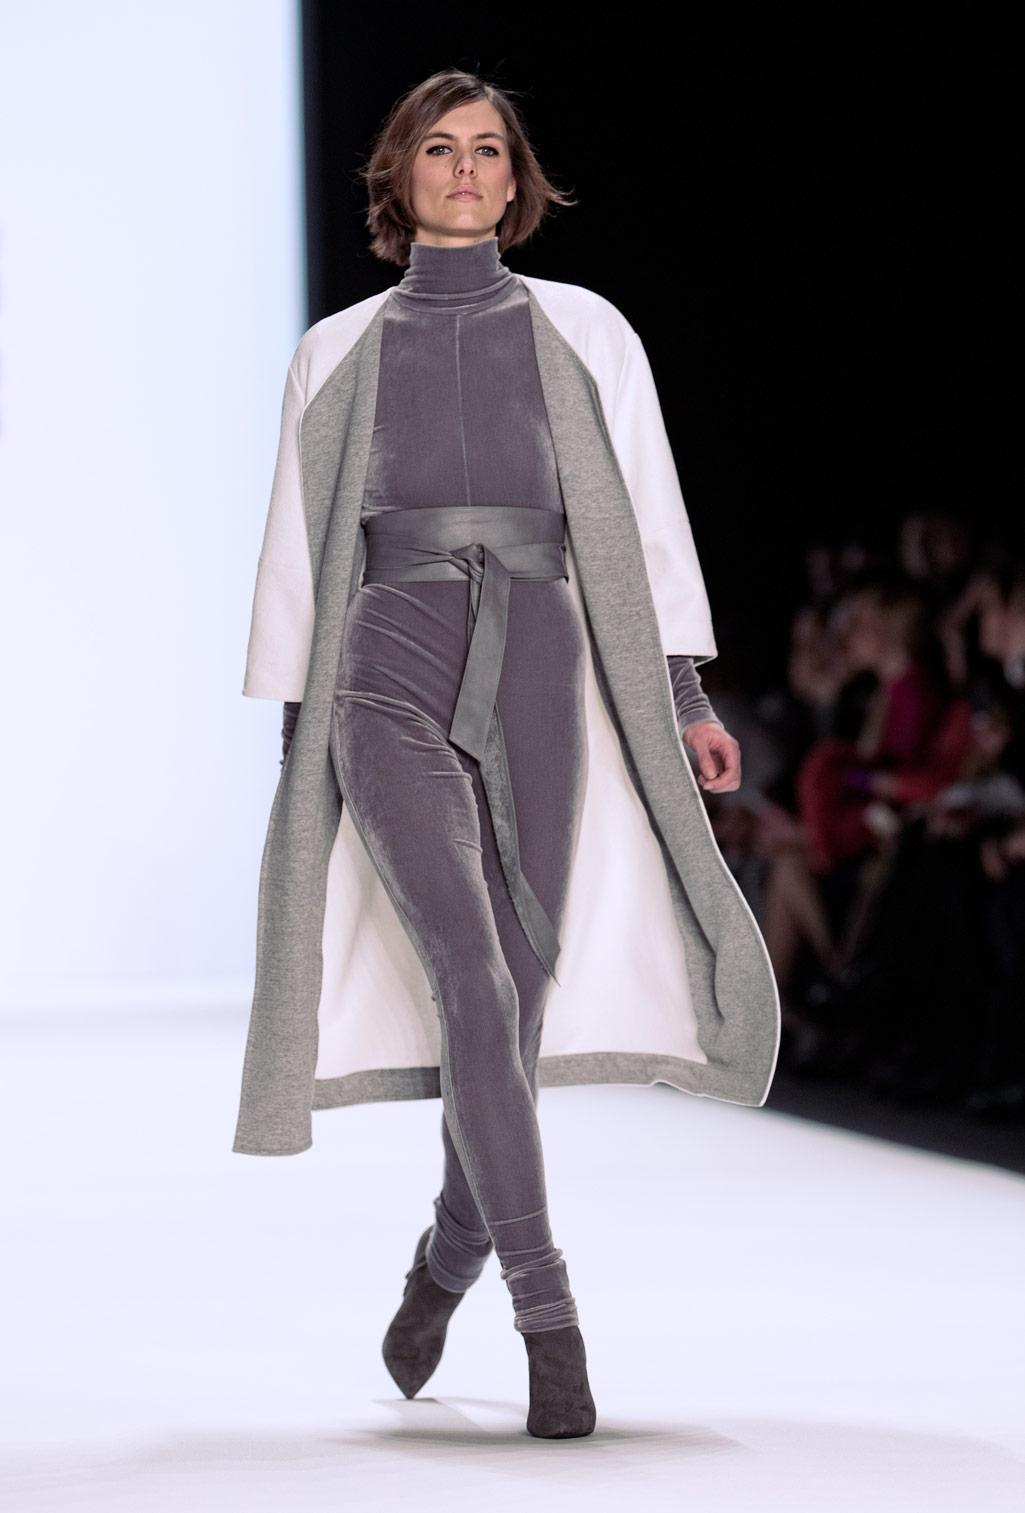 fashionweek-berlin-aw14-002